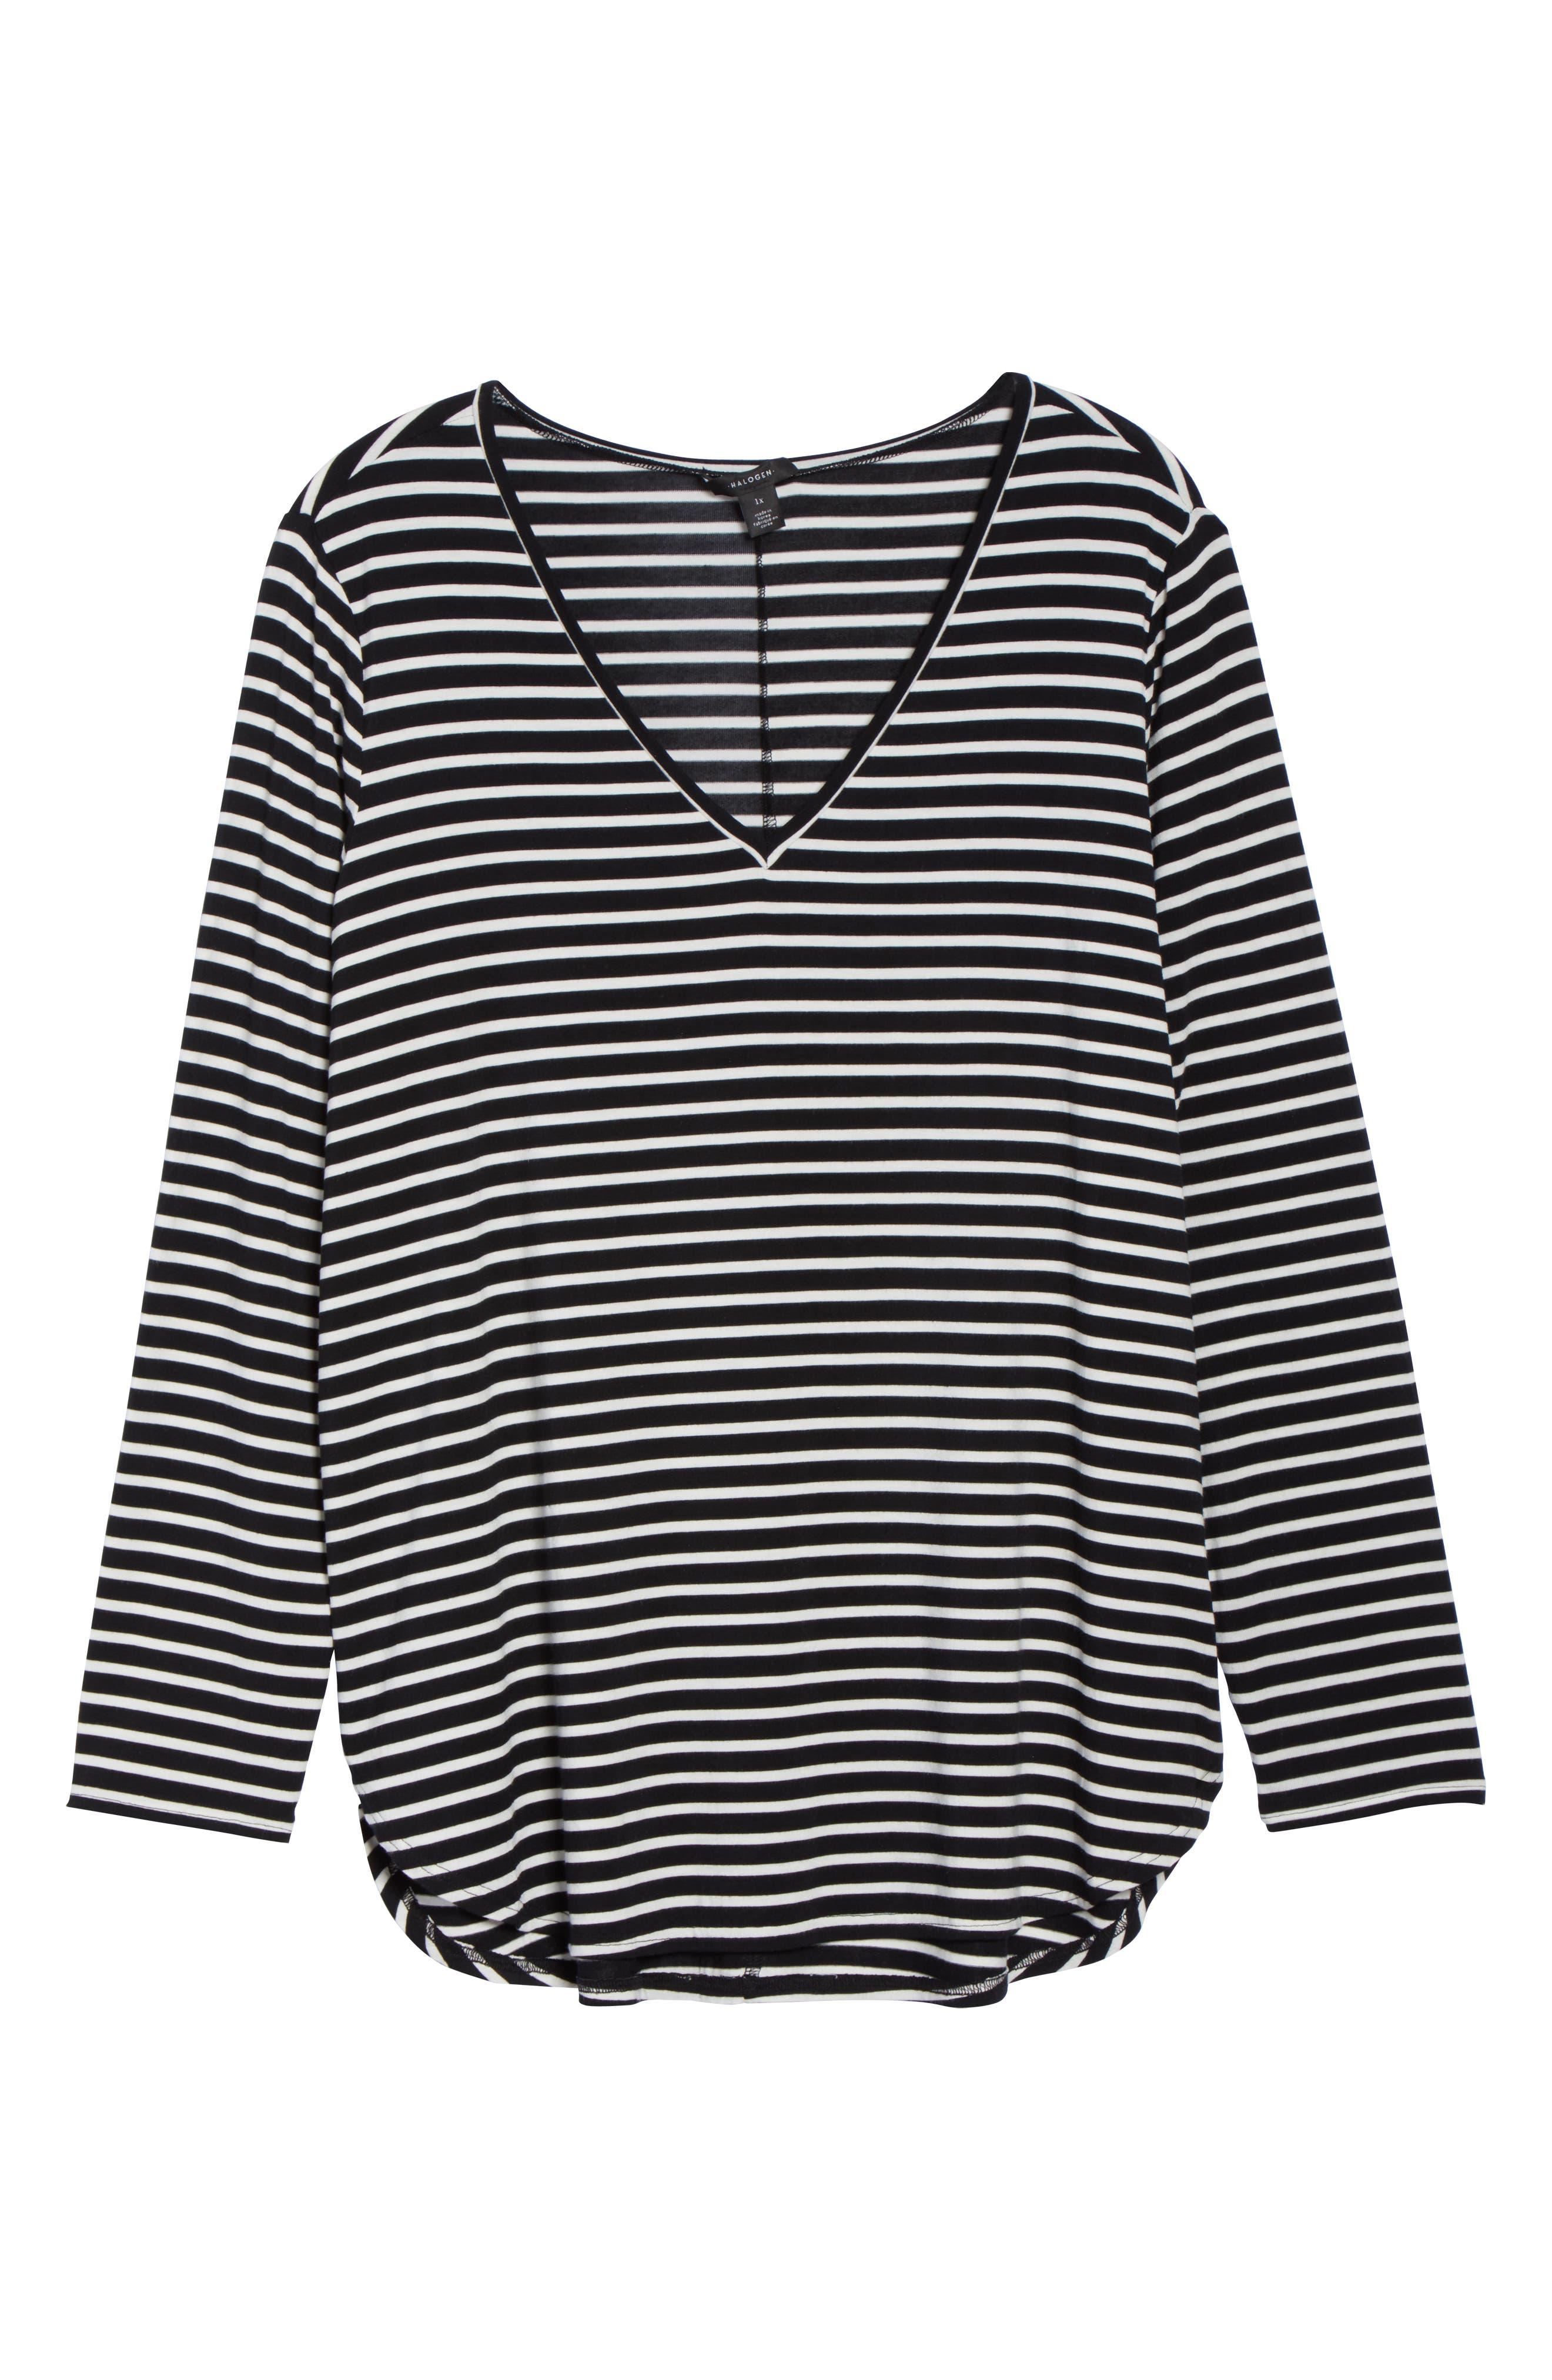 Stripe Tunic,                             Alternate thumbnail 6, color,                             BLACK- IVORY ELAINA STRIPE